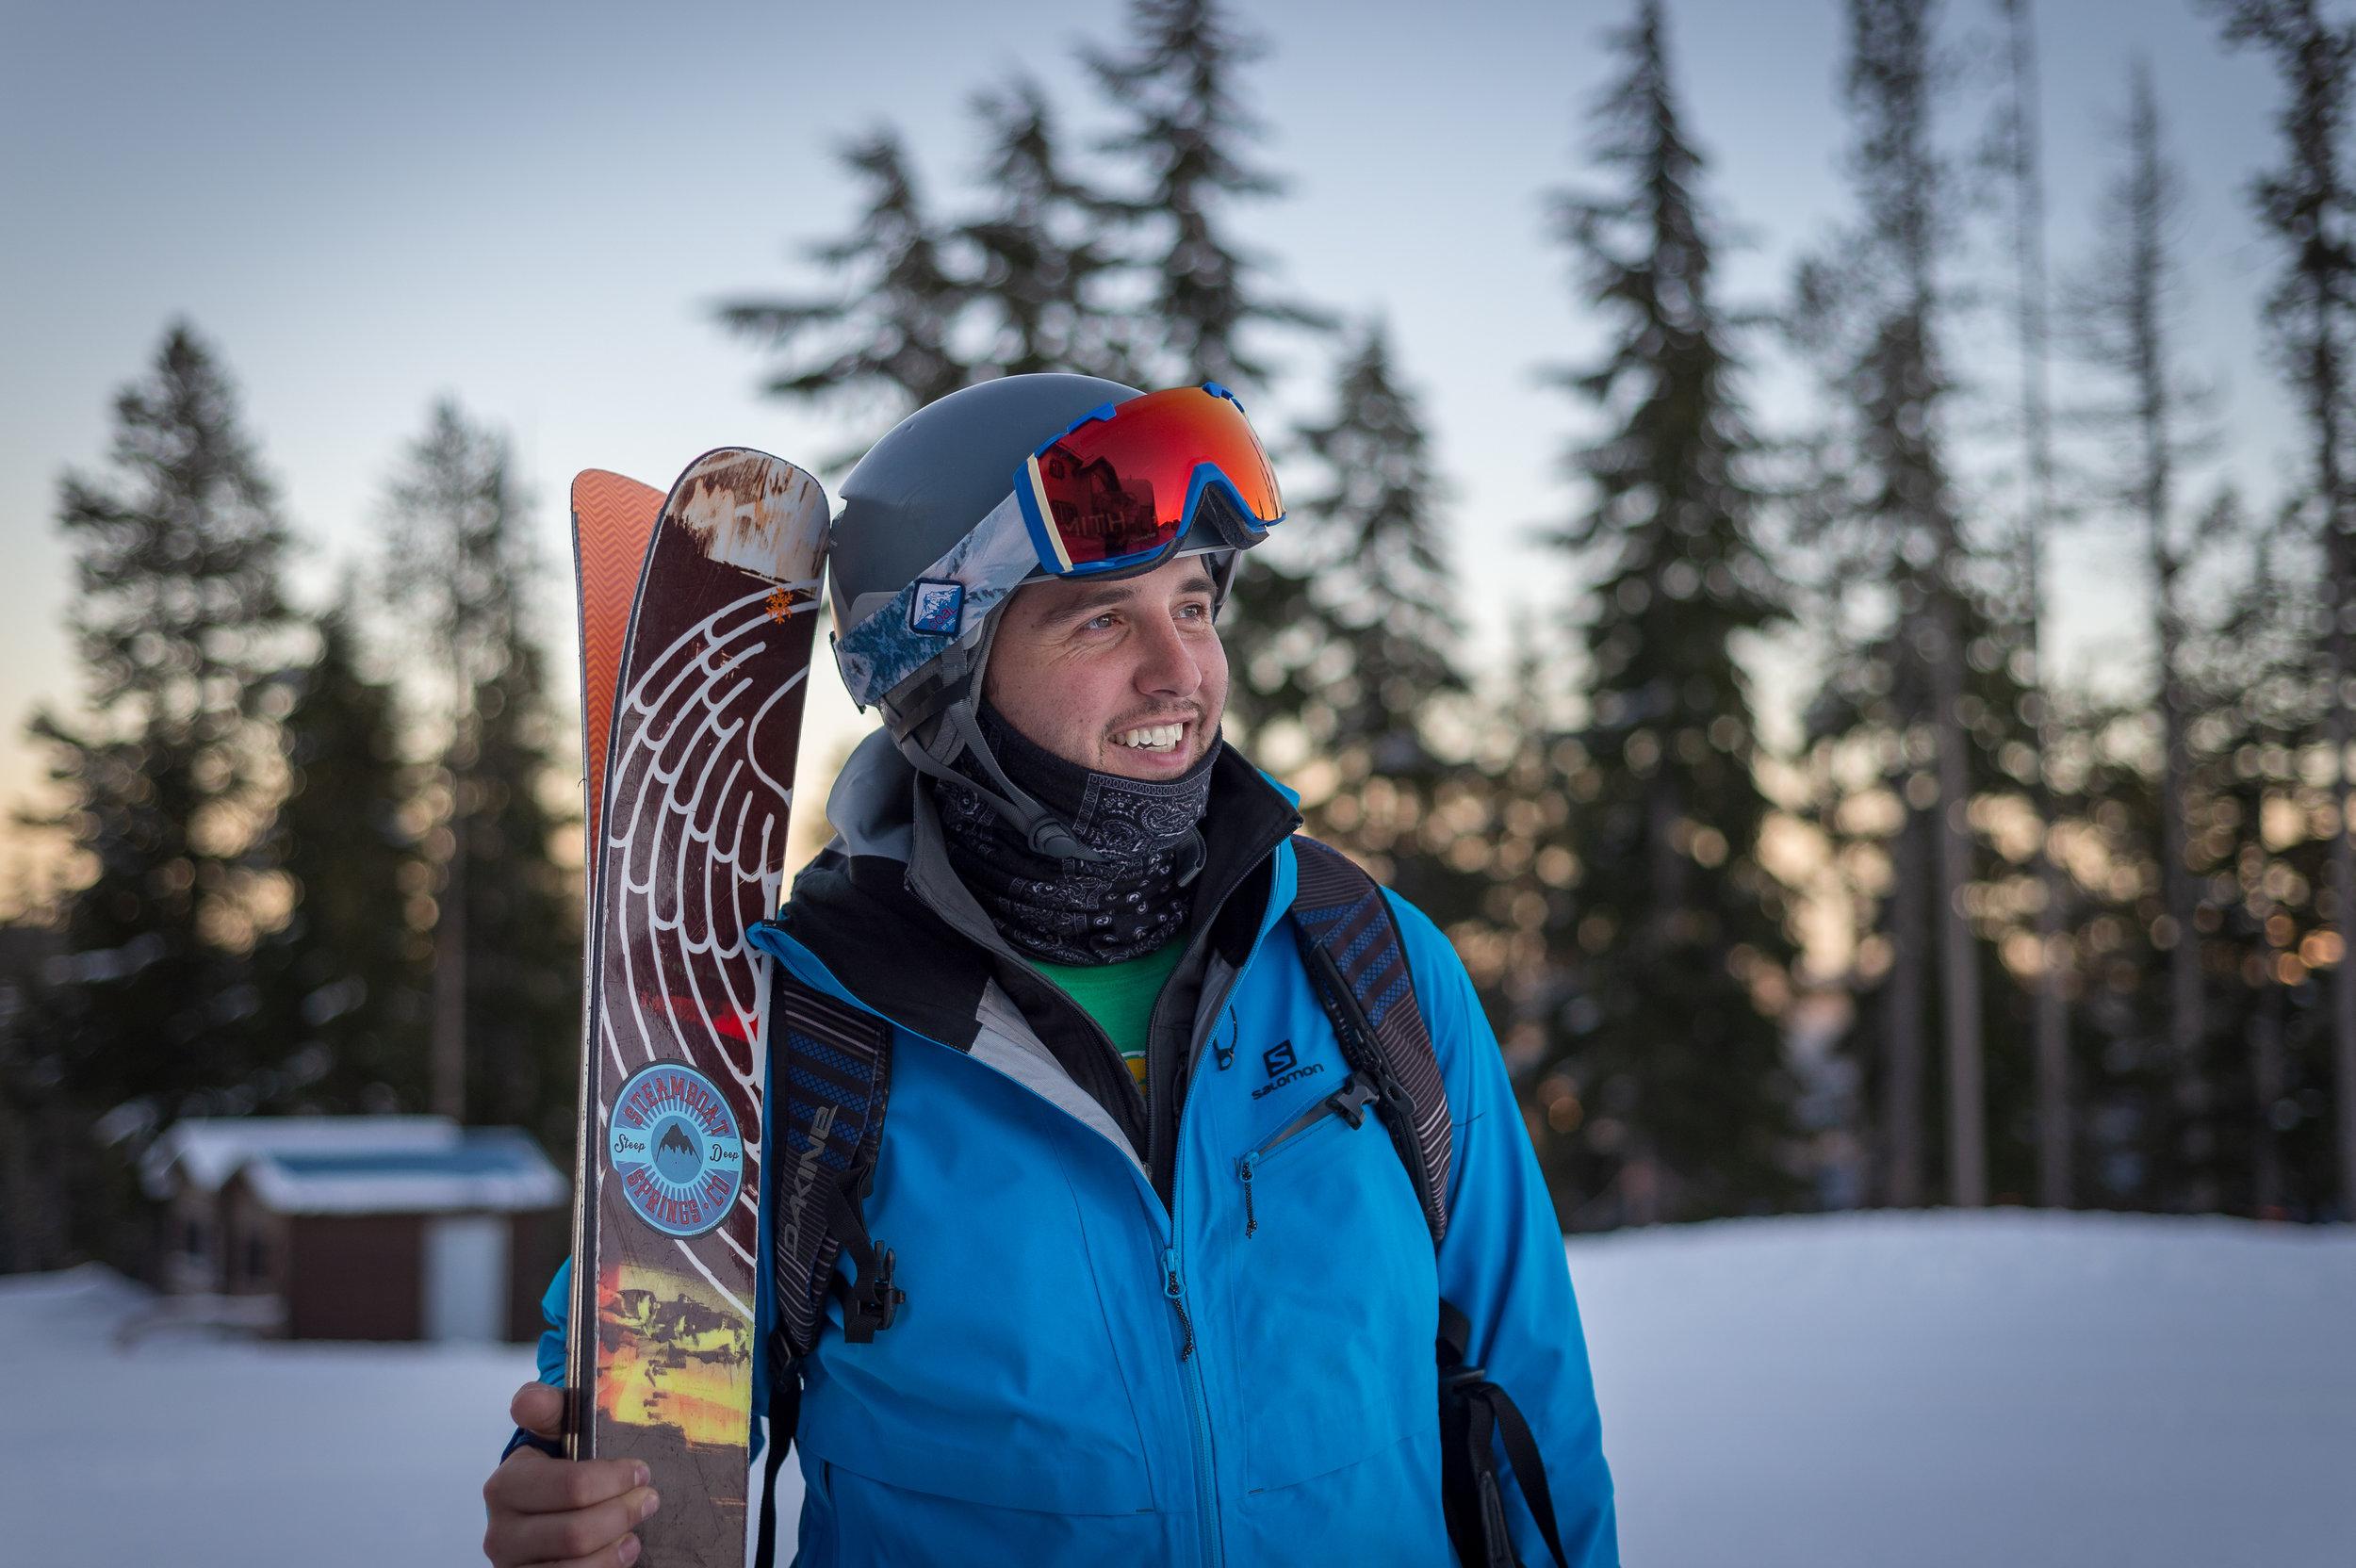 Last light on the mountain. Skier: Casey Winchel.